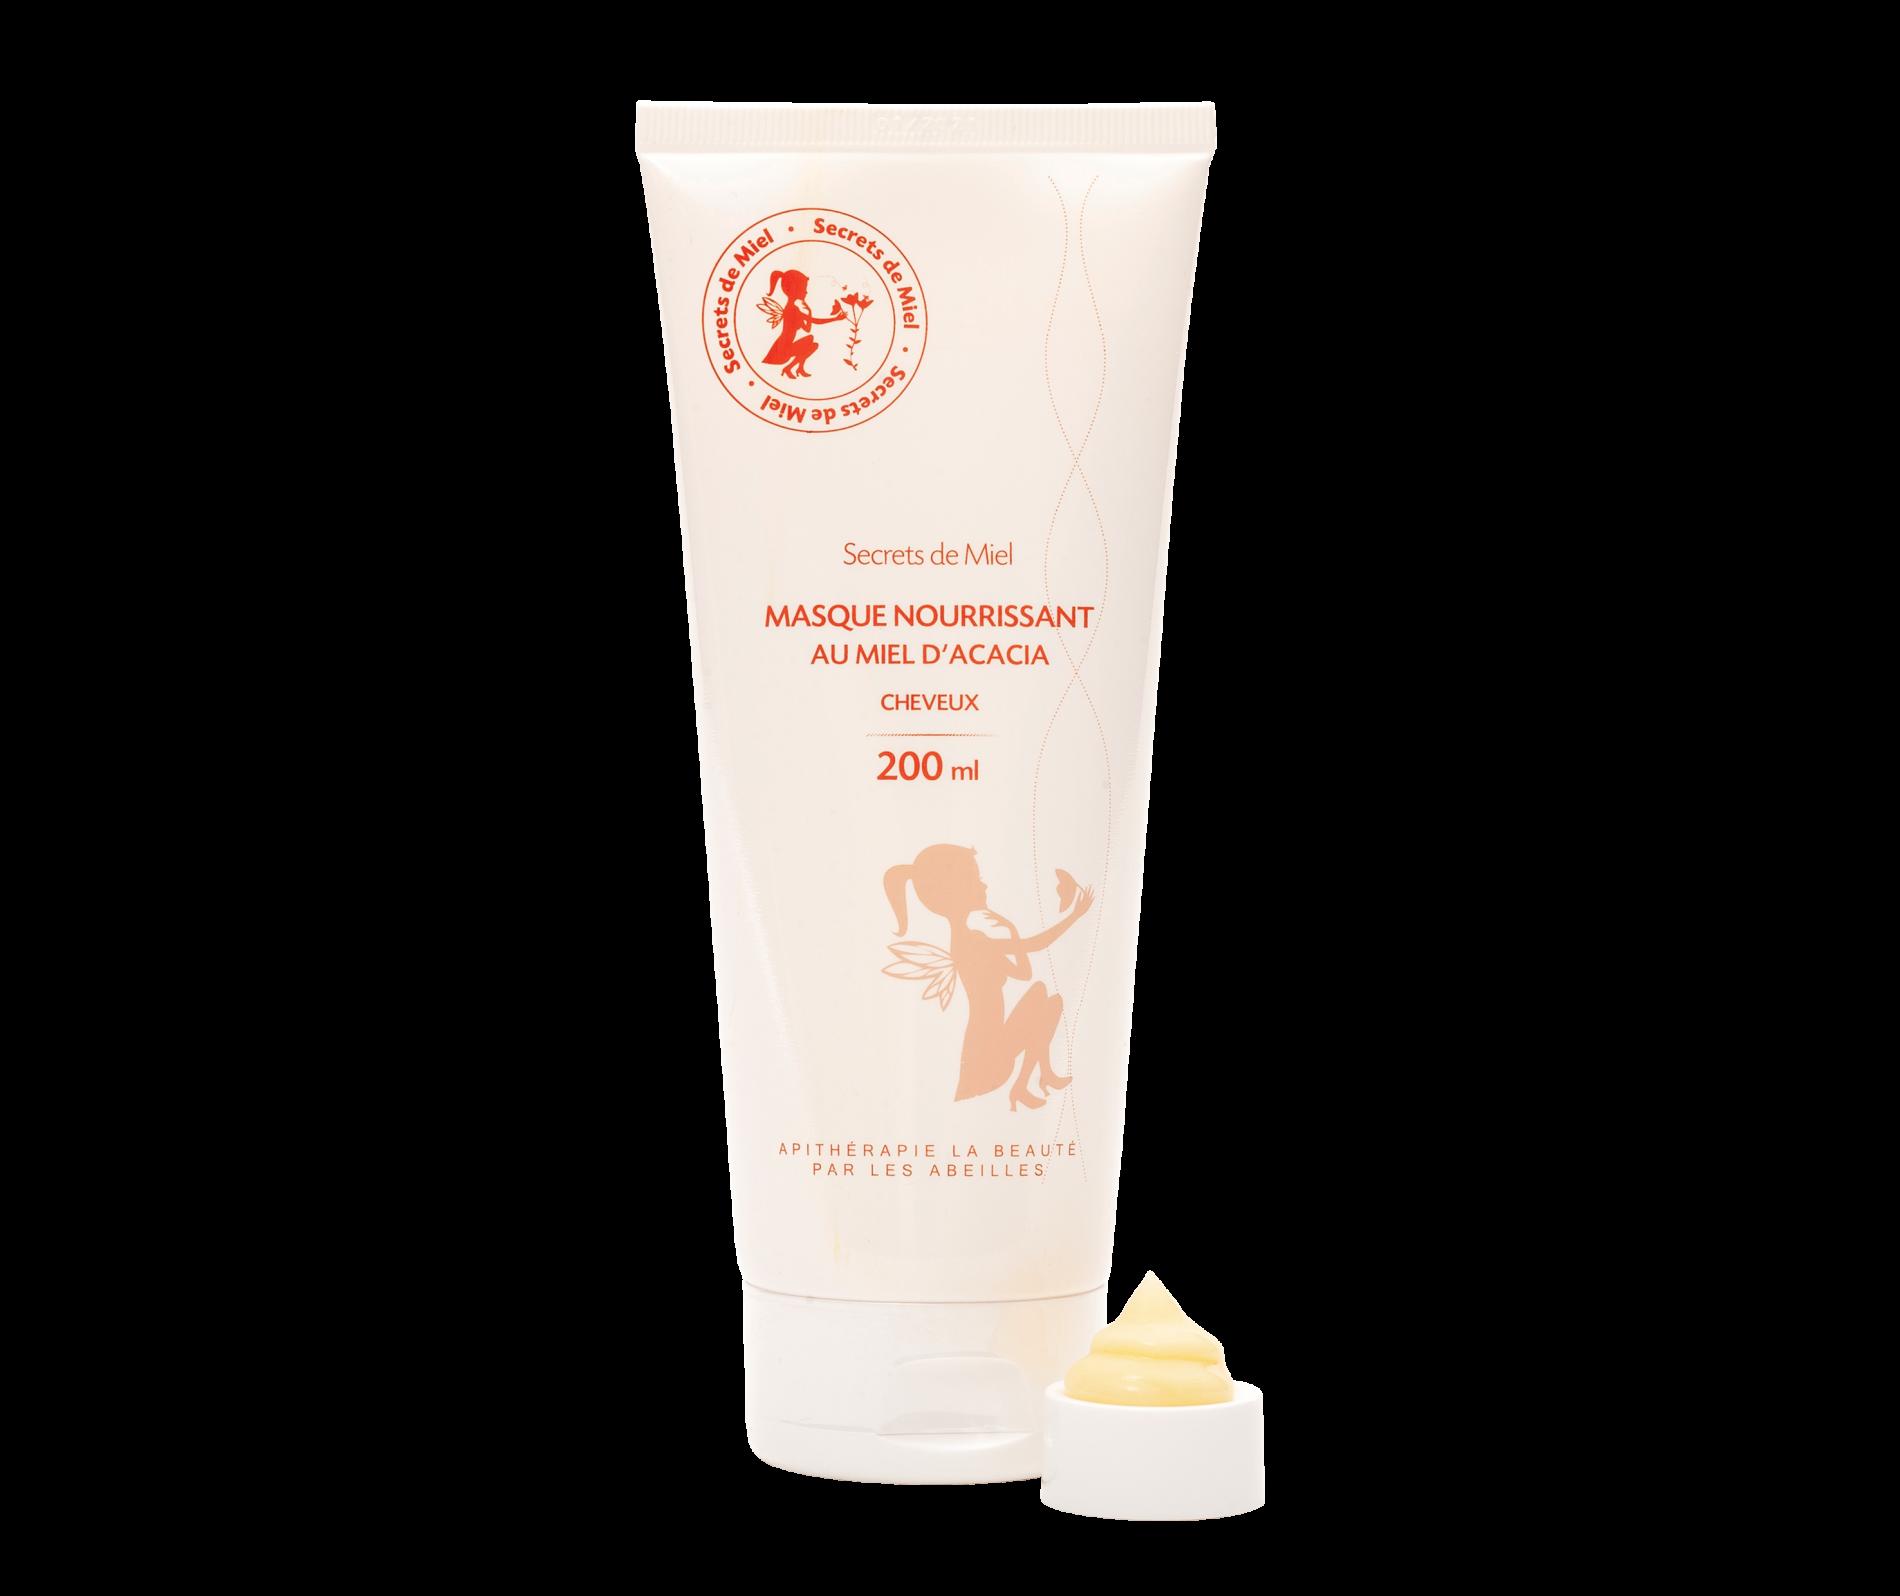 Masque nourrissant - routine cheveux naturels - produits naturels - Secrets de Miel - Apithérapie